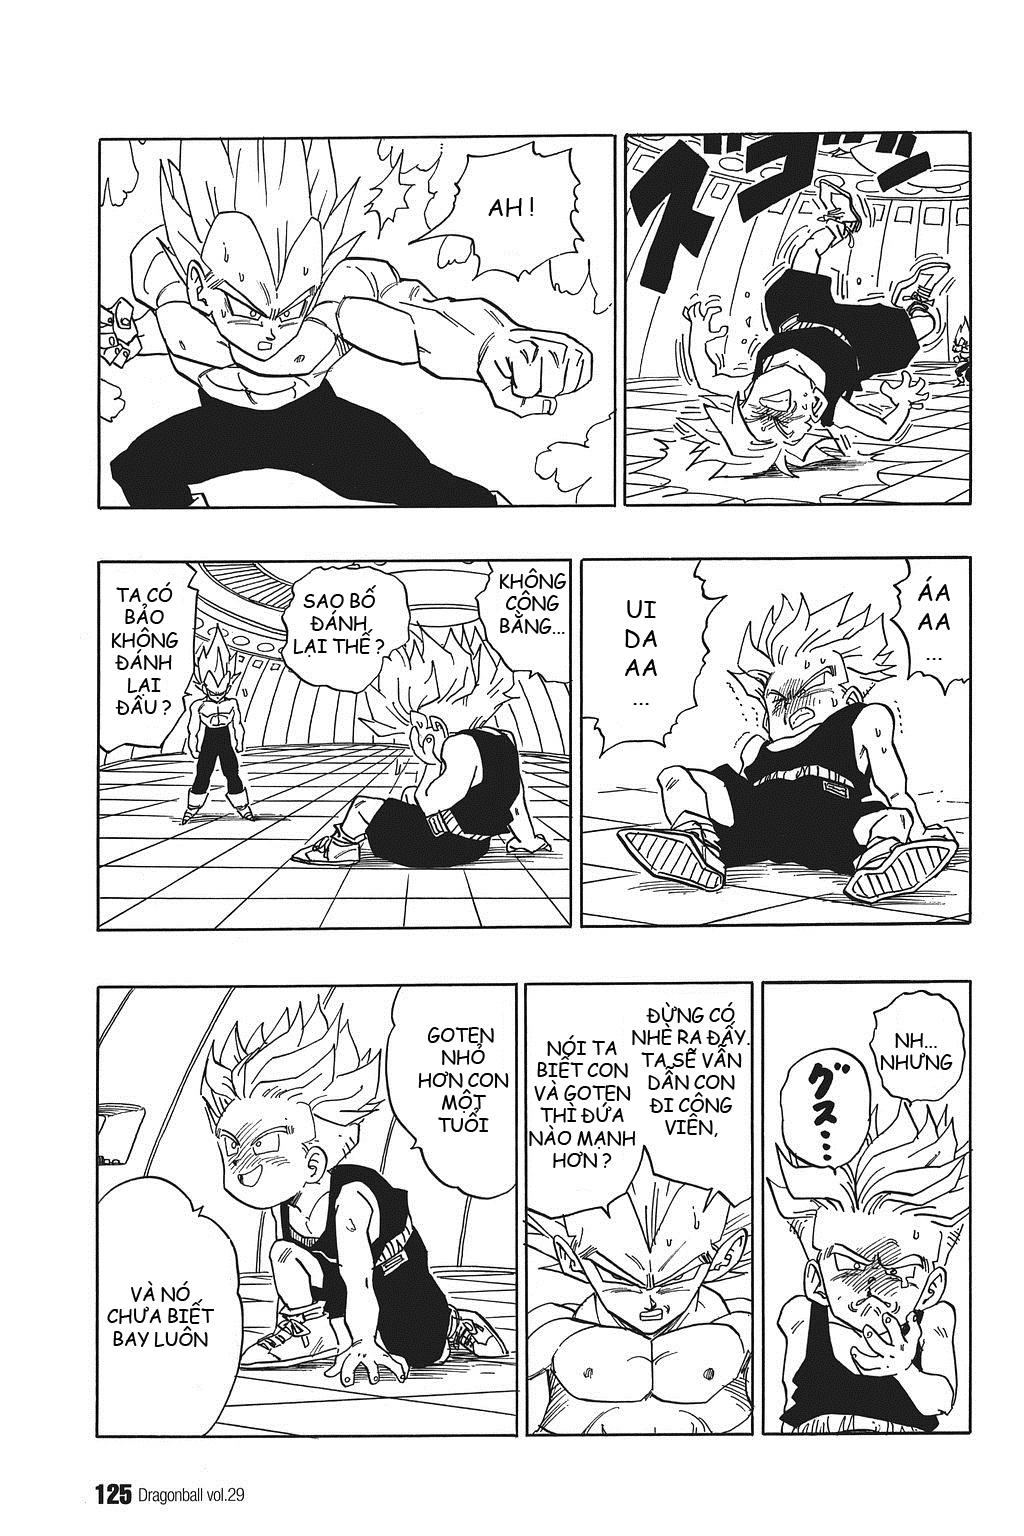 xem truyen moi - Dragon Ball Bản Vip - Bản Đẹp Nguyên Gốc Chap 429